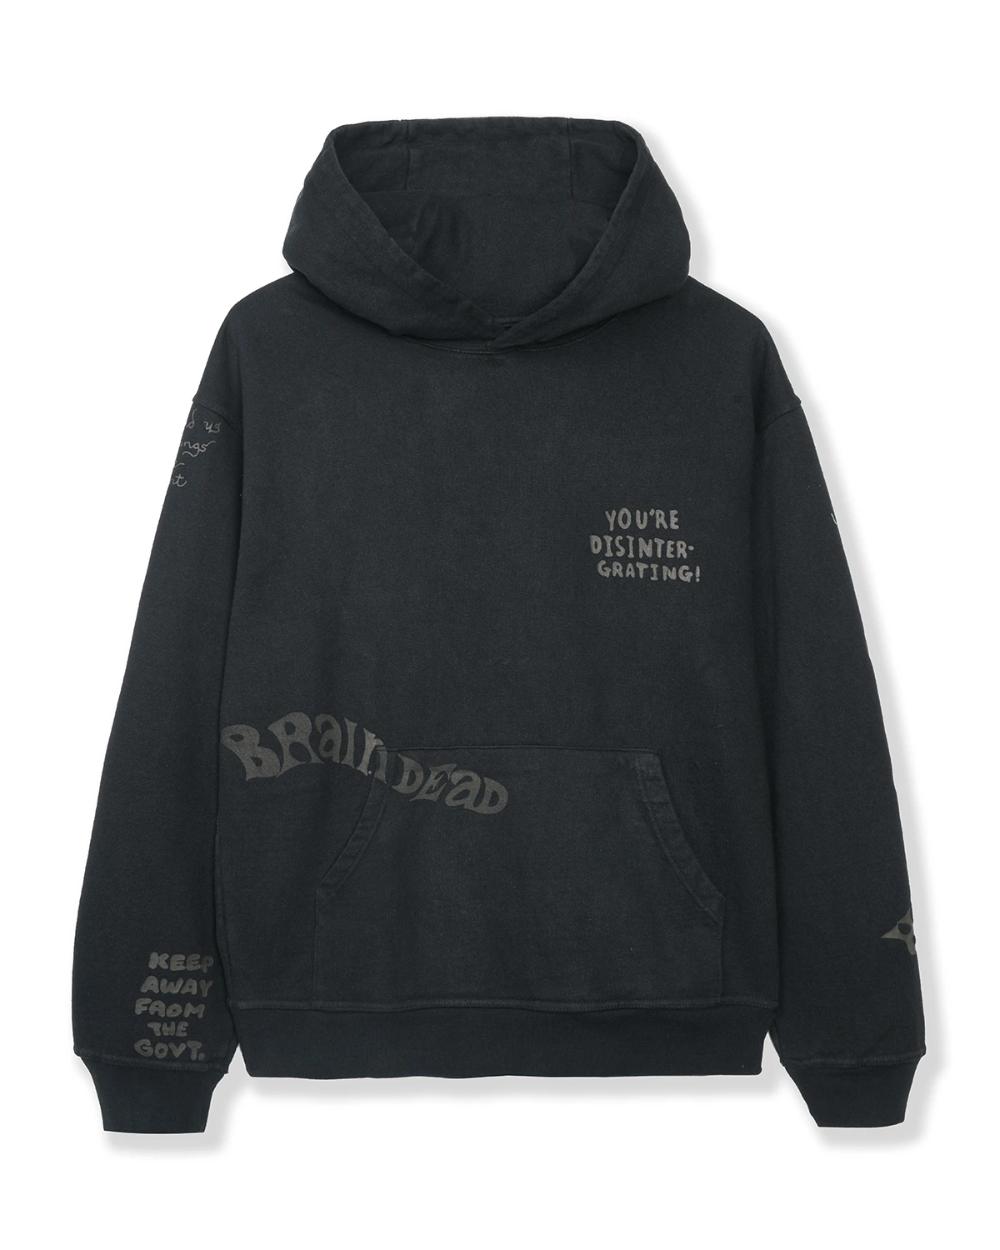 Tonal Type Print Hooded Sweatshirt Hoodie - Black